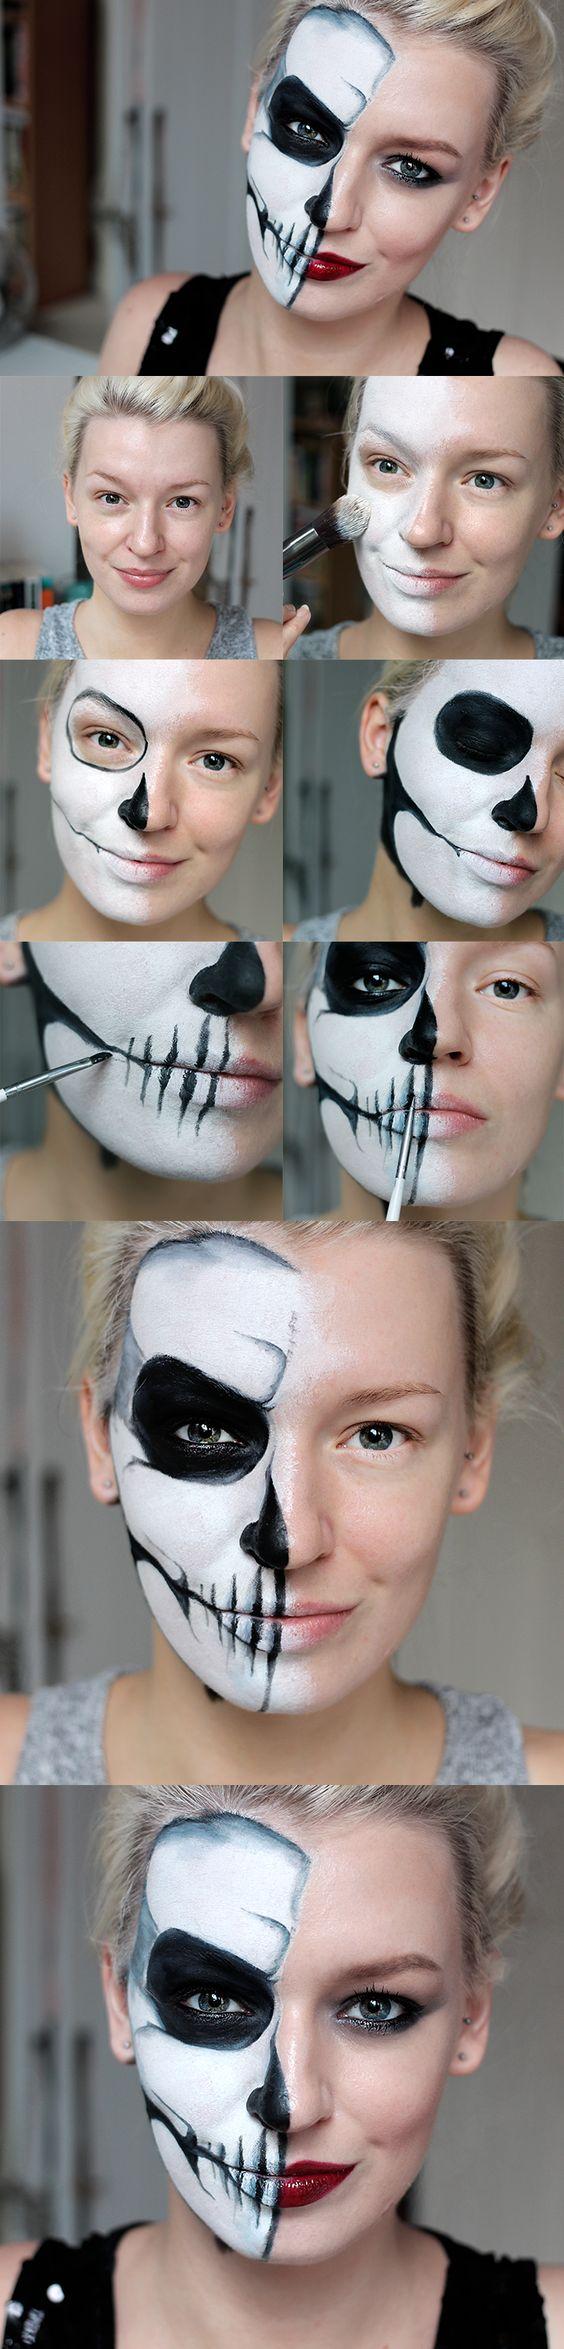 dicas maquiagem dia bruxas 1